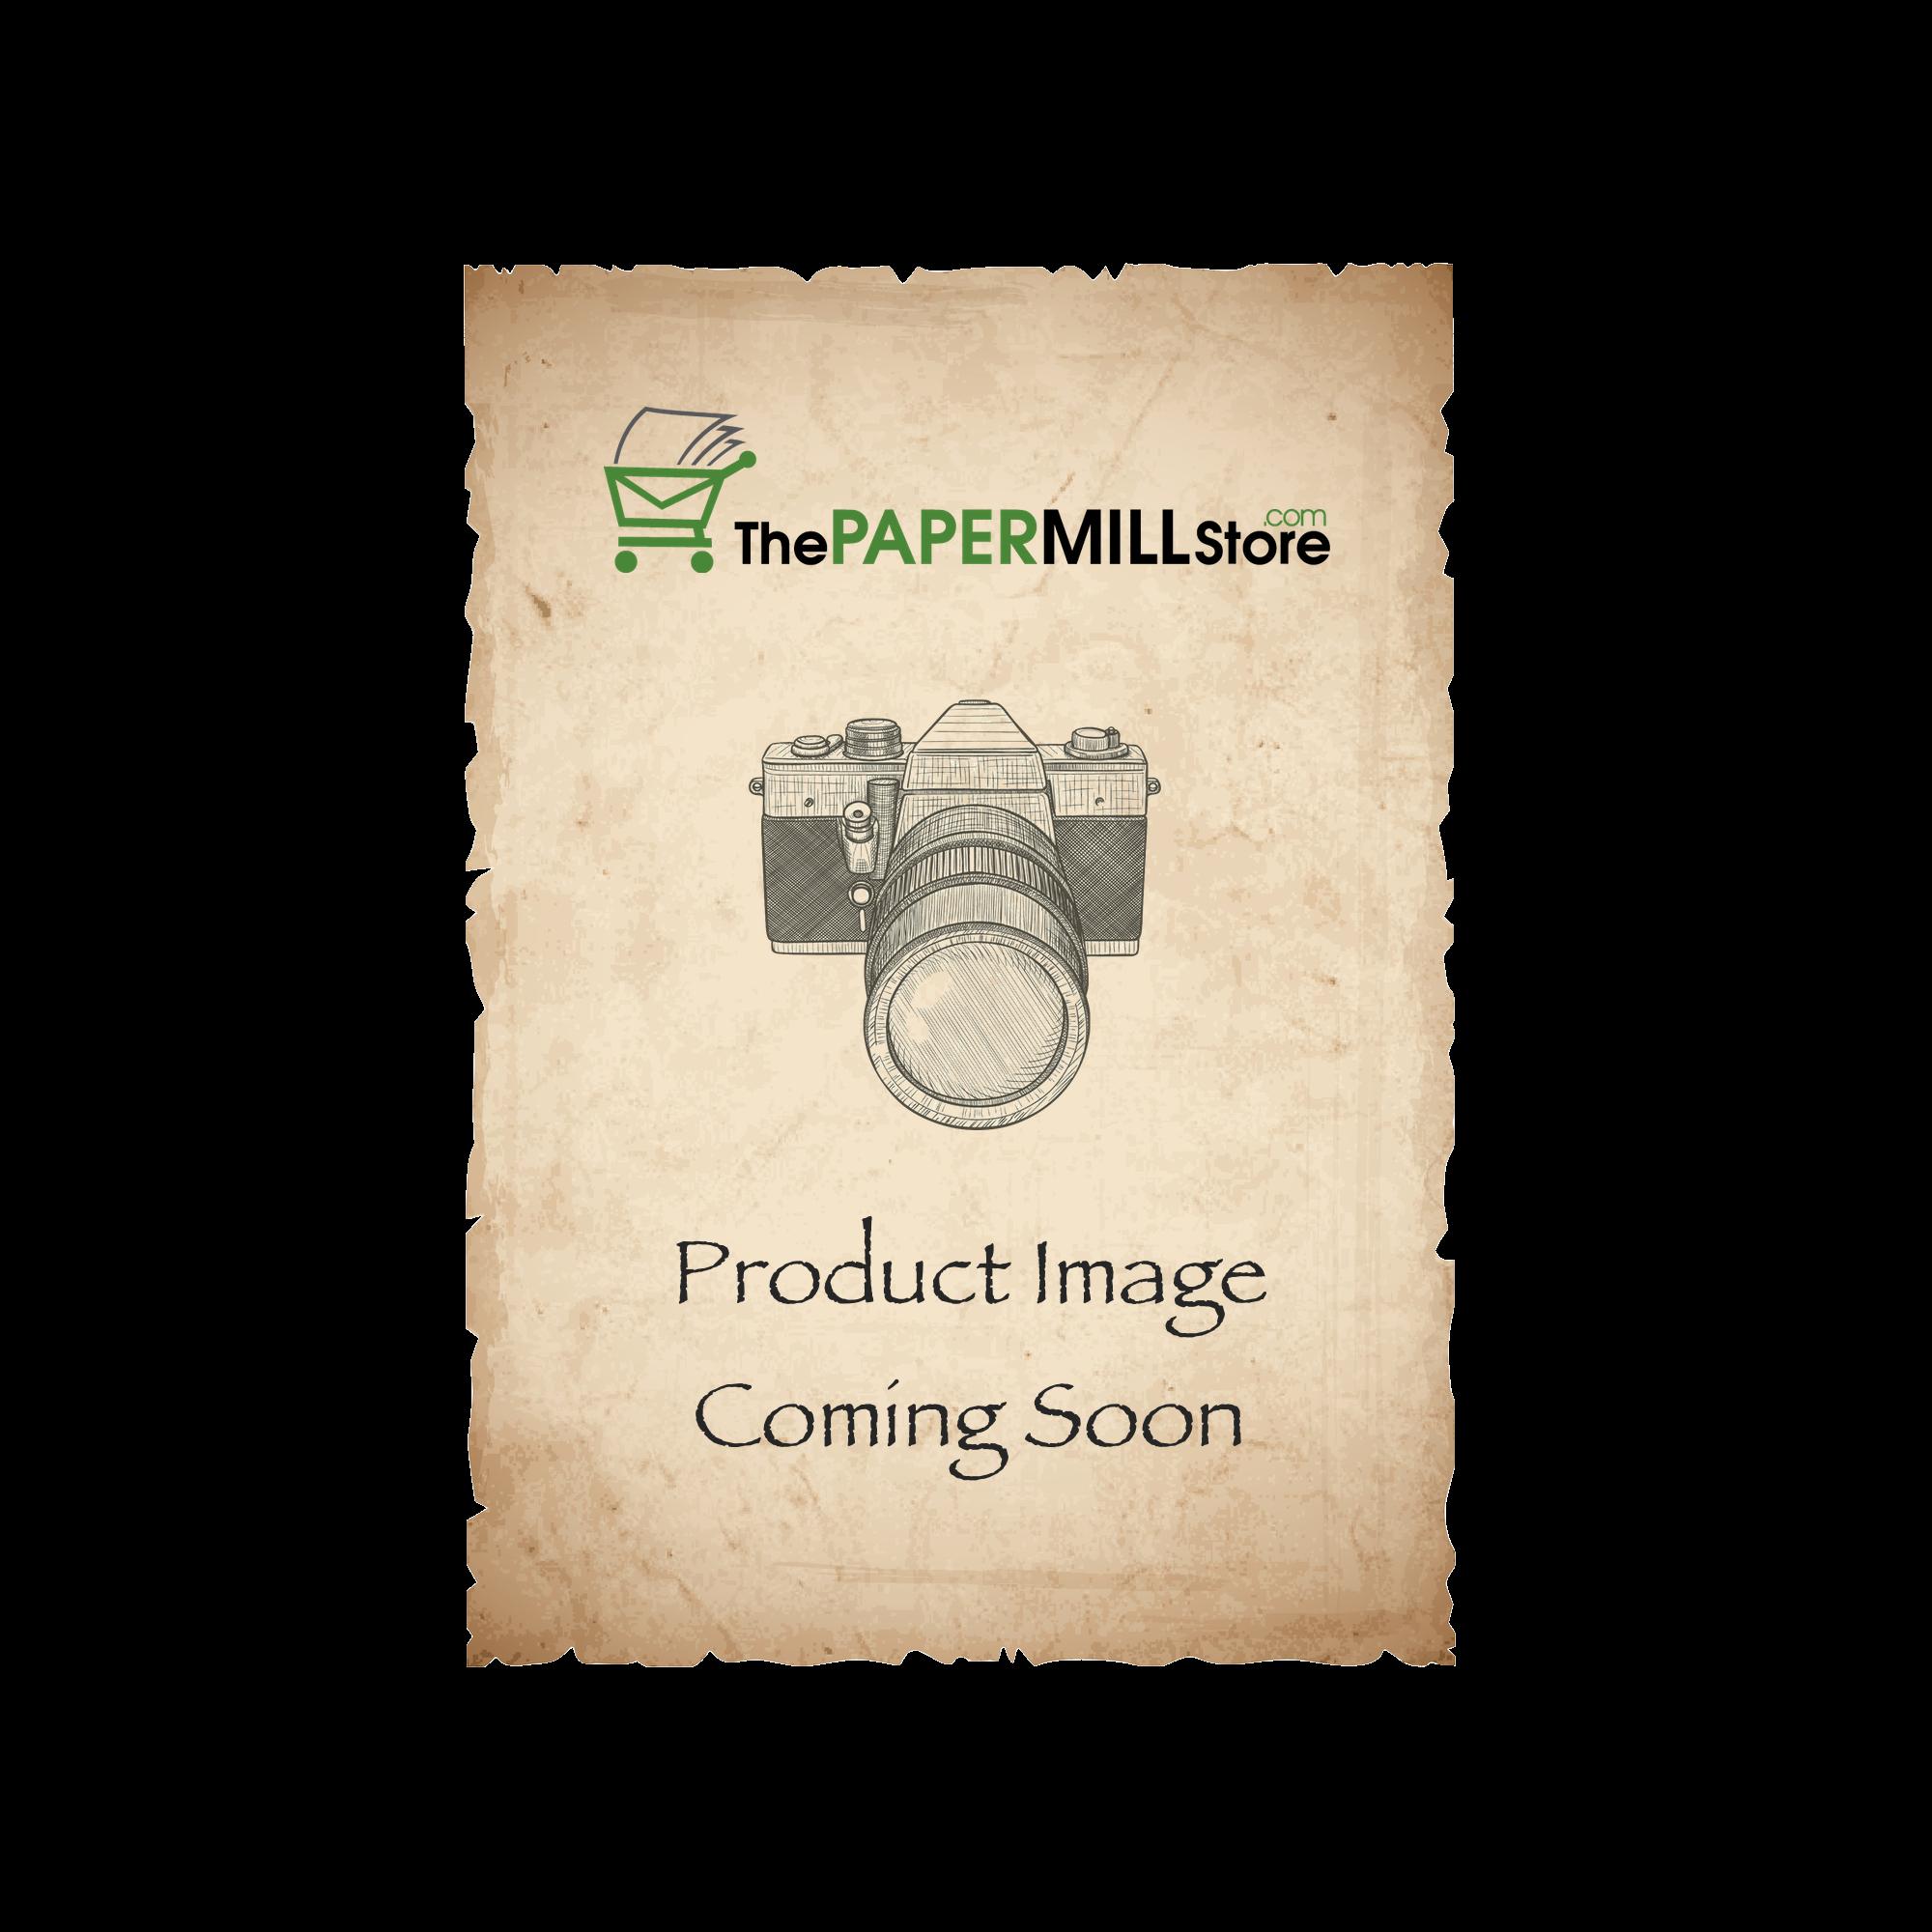 ASPIRE Petallics Juniper Berry Envelopes - No. 10 Square Flap (4 1/8 x 9 1/2) 80 lb Text Metallic C/2S 30% Recycled  500 per Box